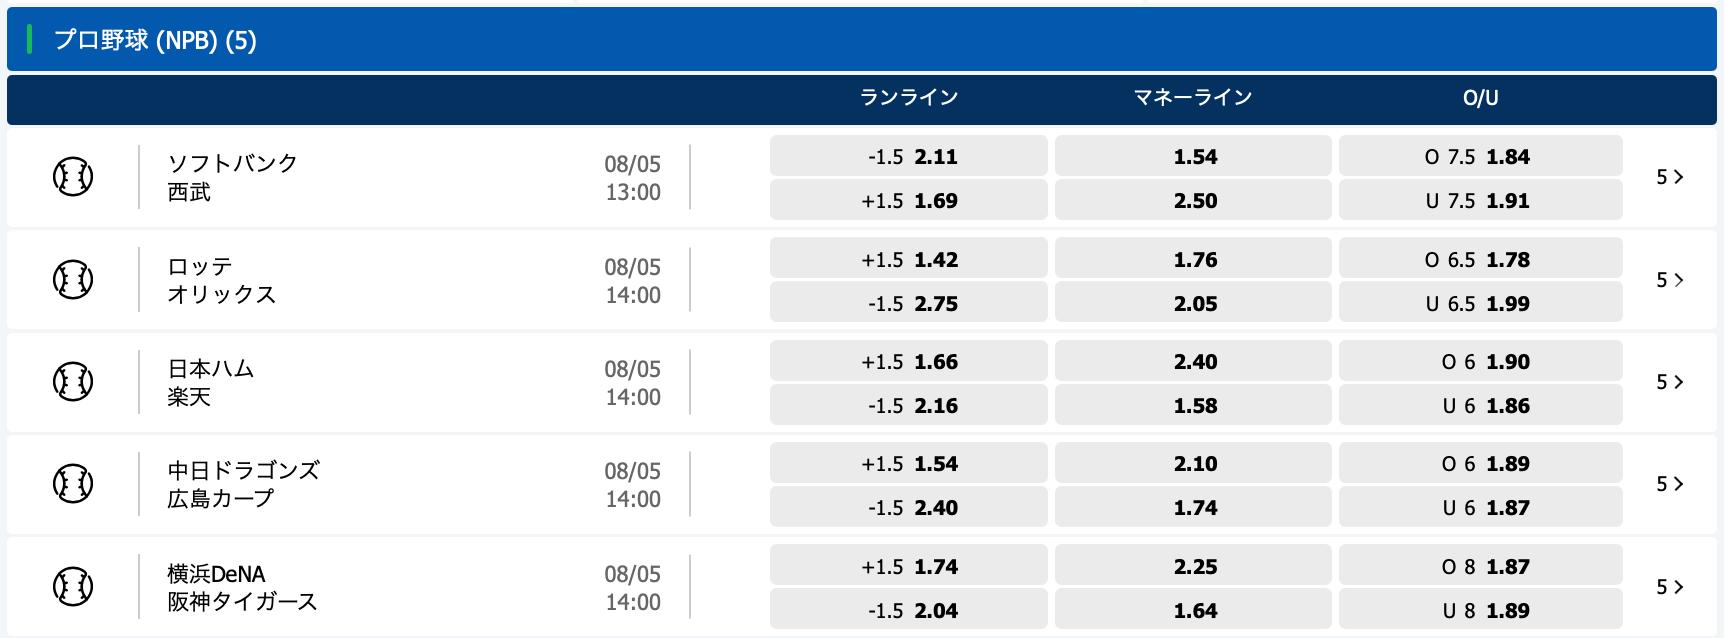 2021年5月8日プロ野球オッズ・10bet Japan